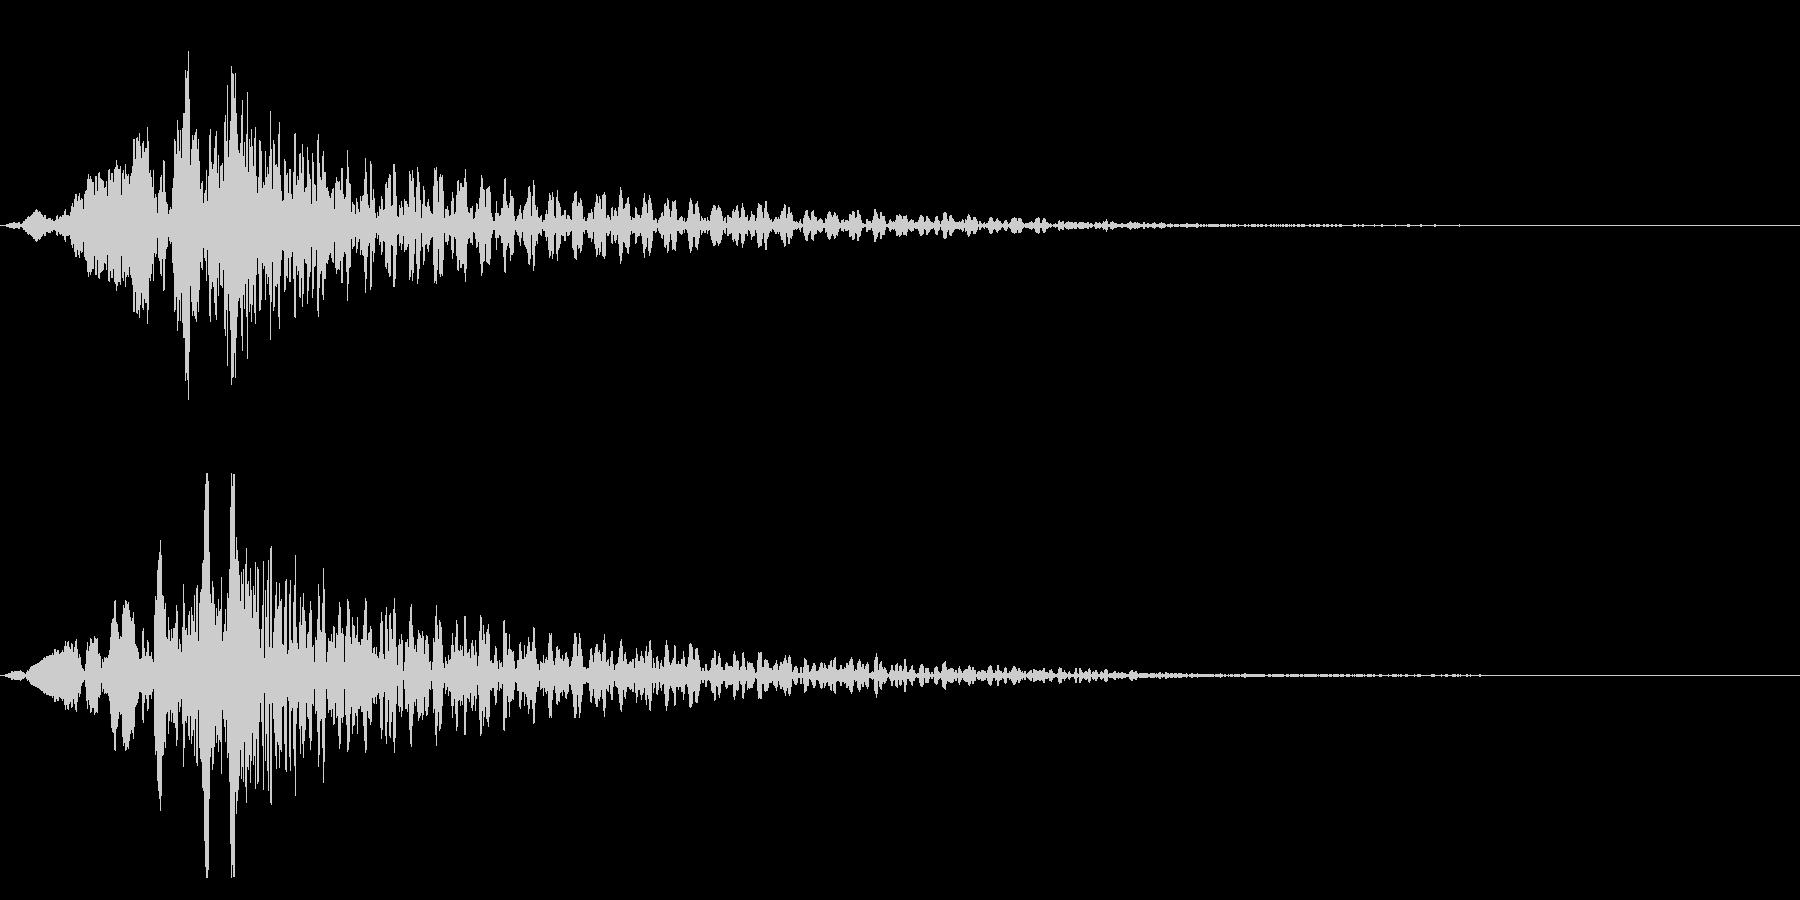 ホラー系アタック音139の未再生の波形